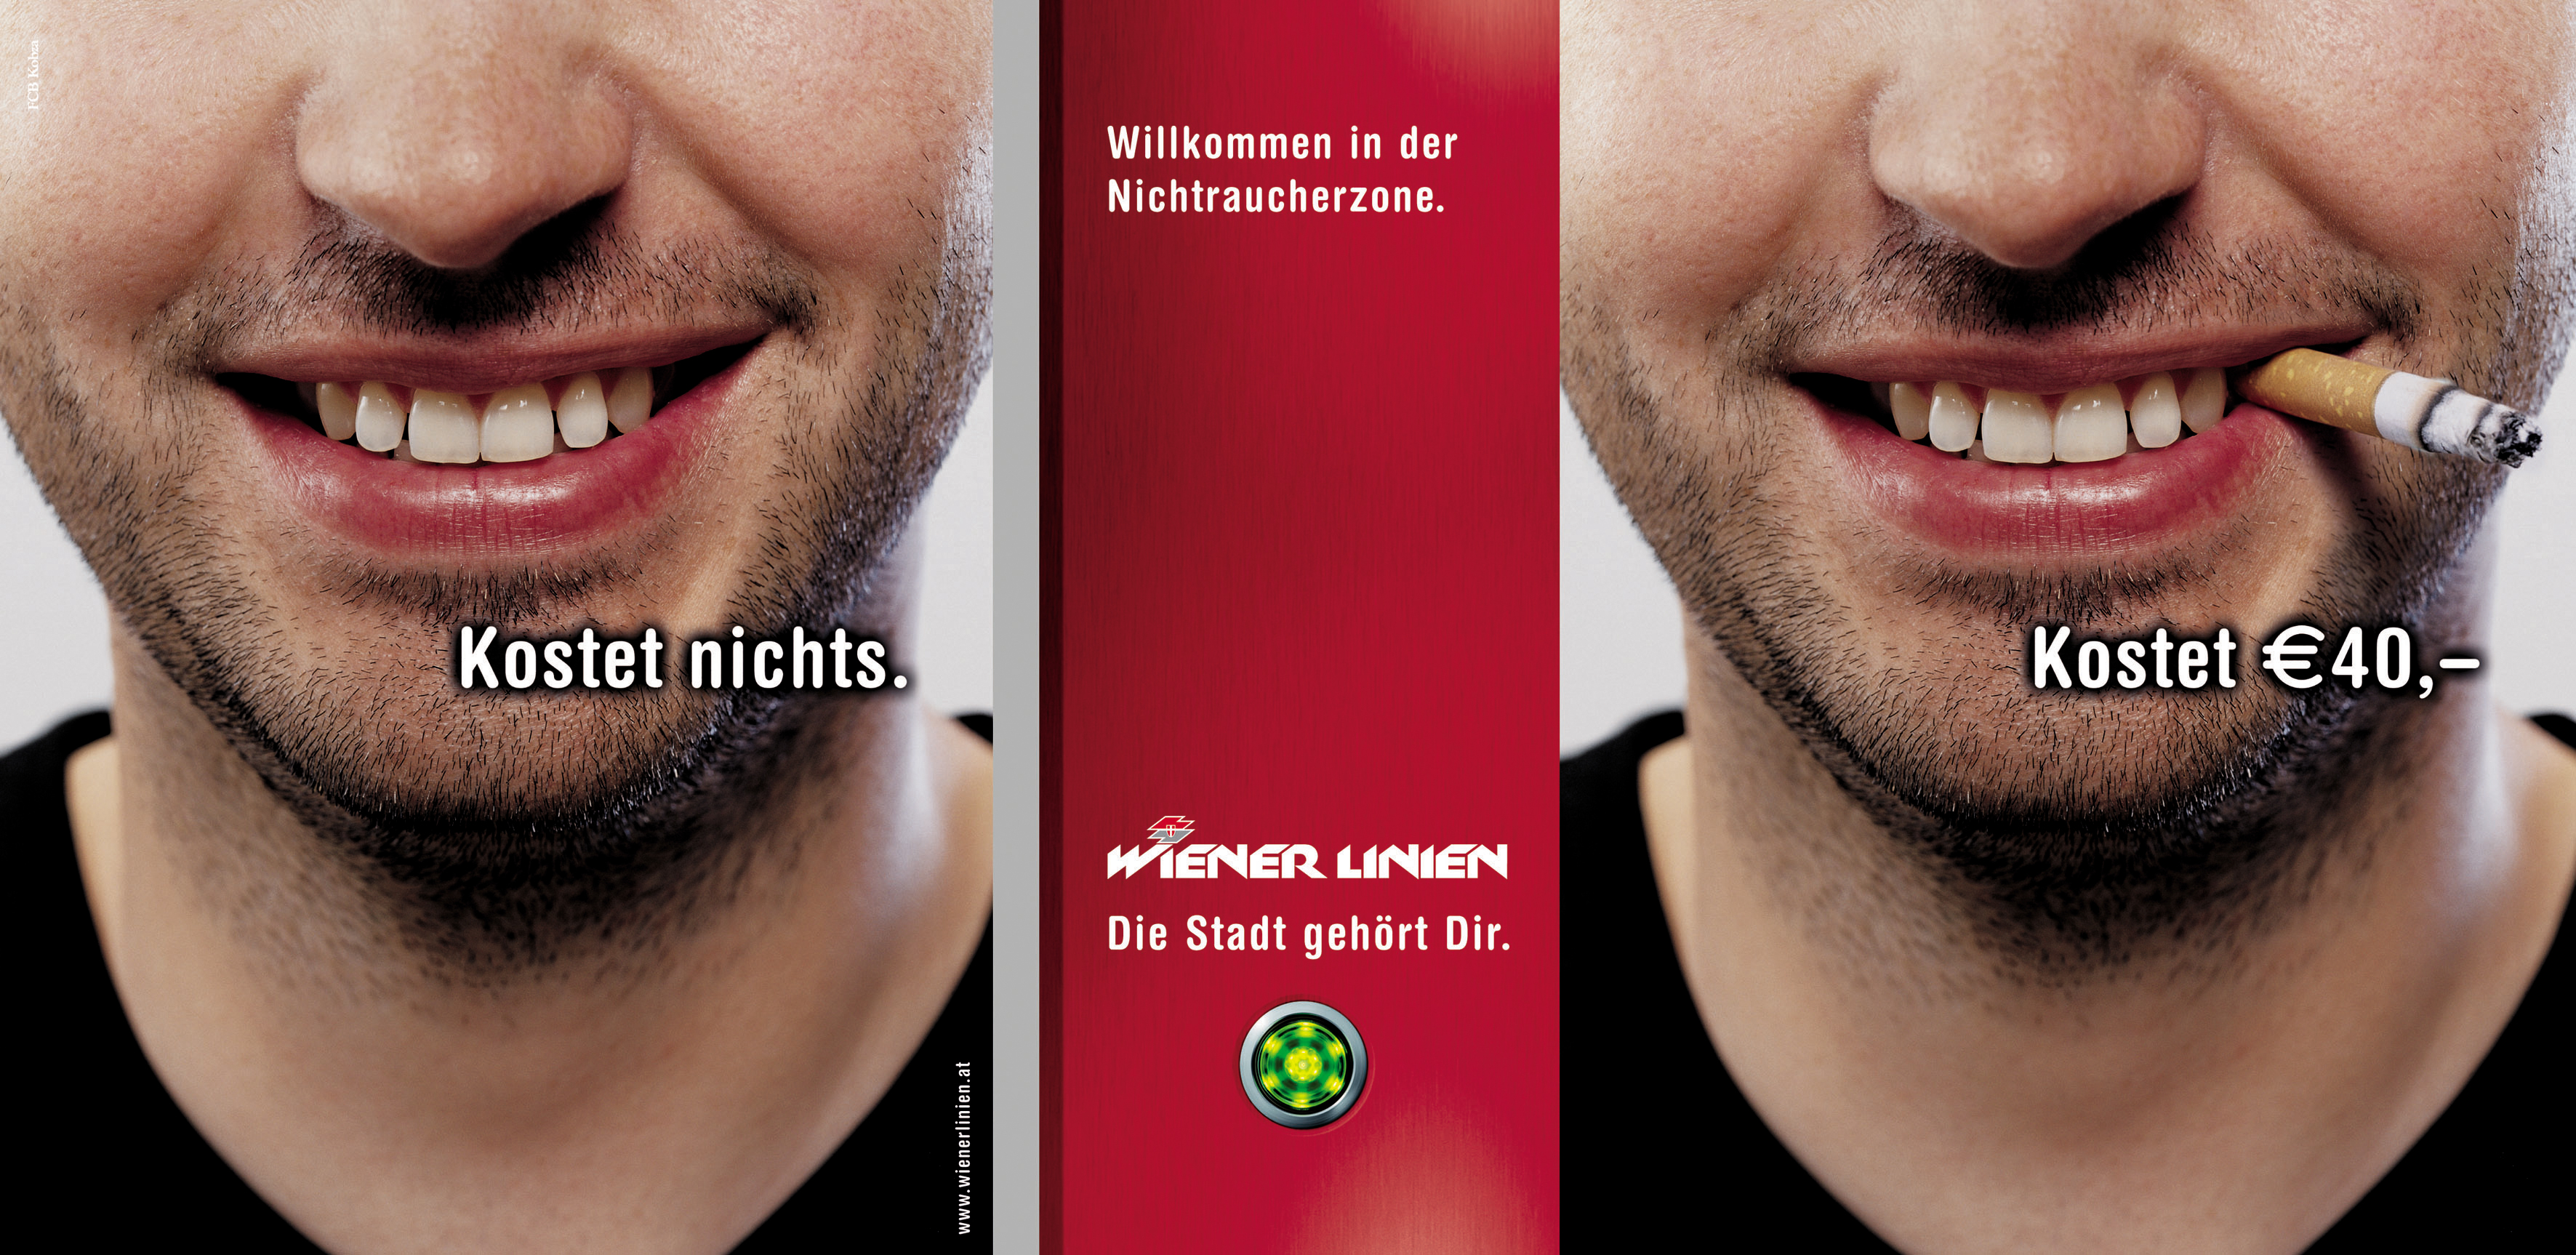 3WL Nichtraucher